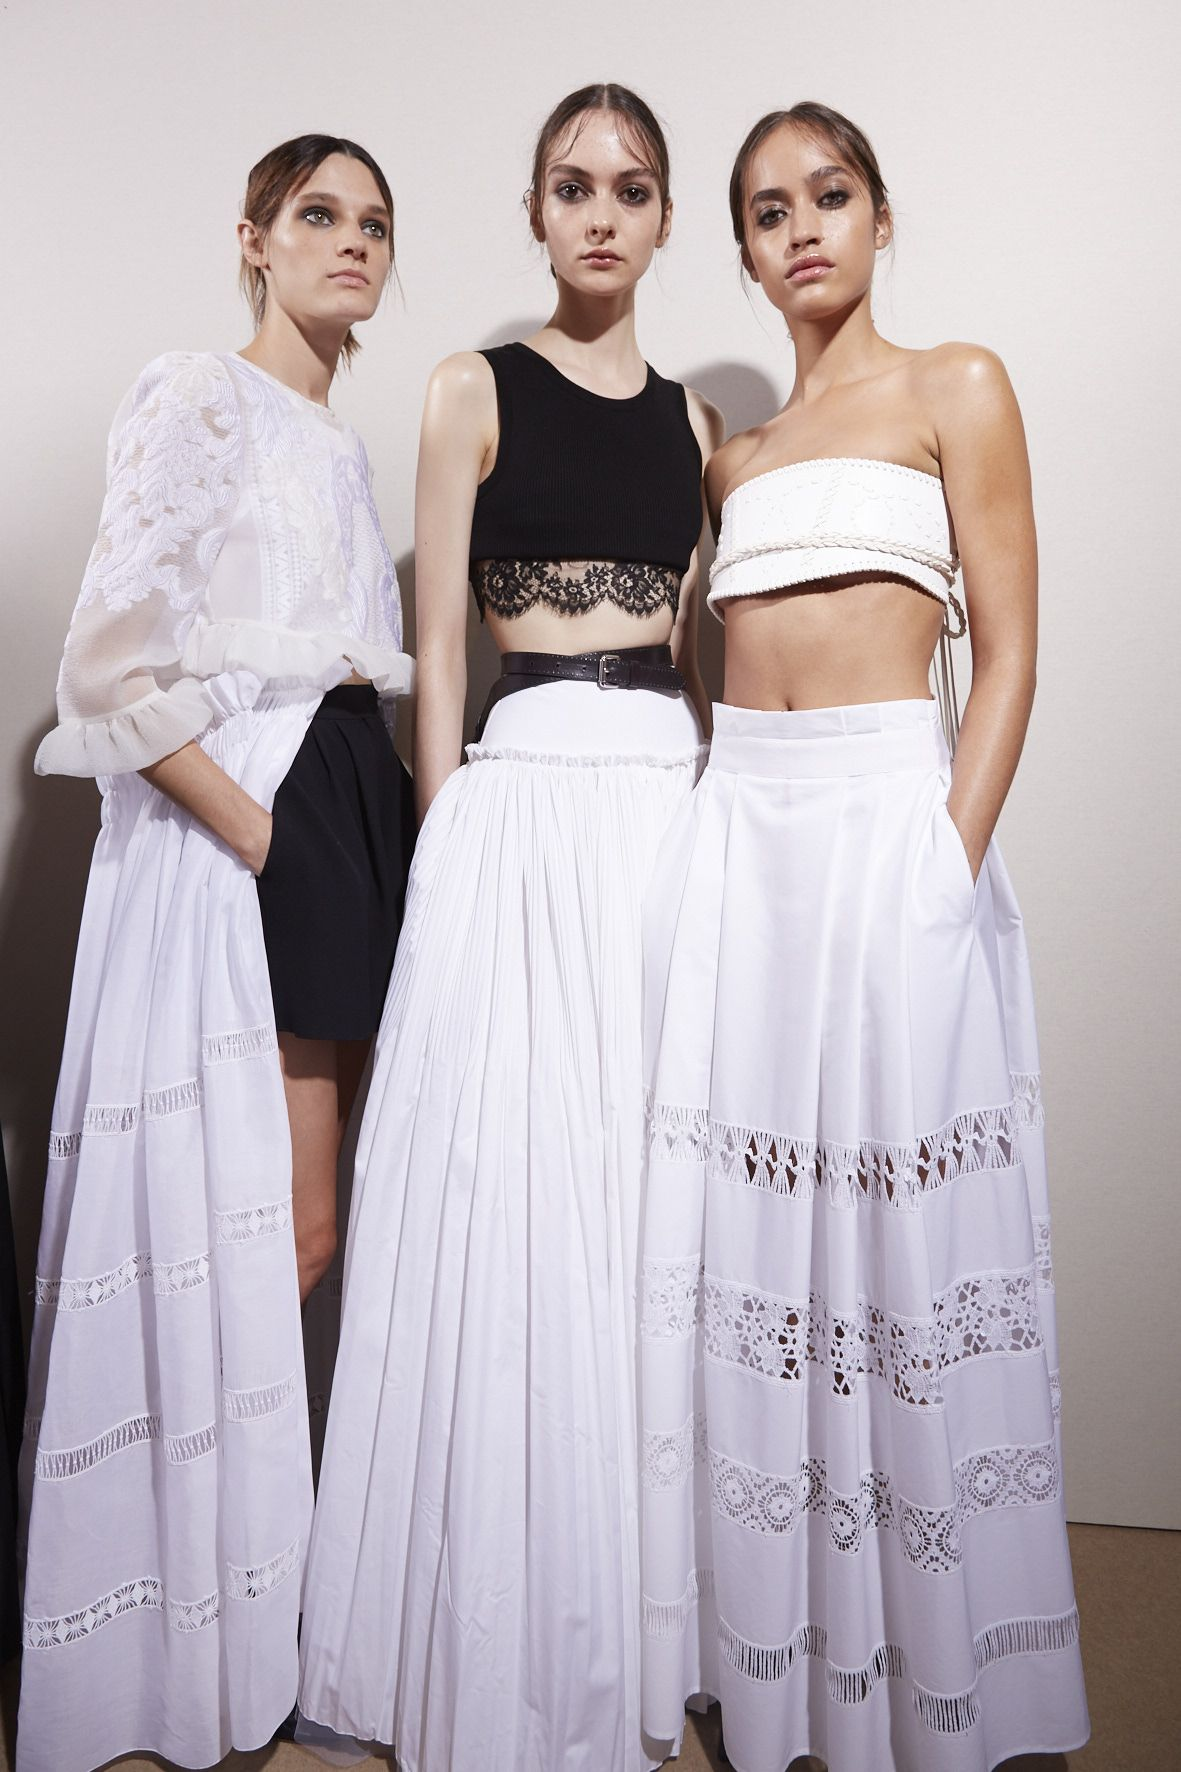 Alberta Ferretti Backstage Models